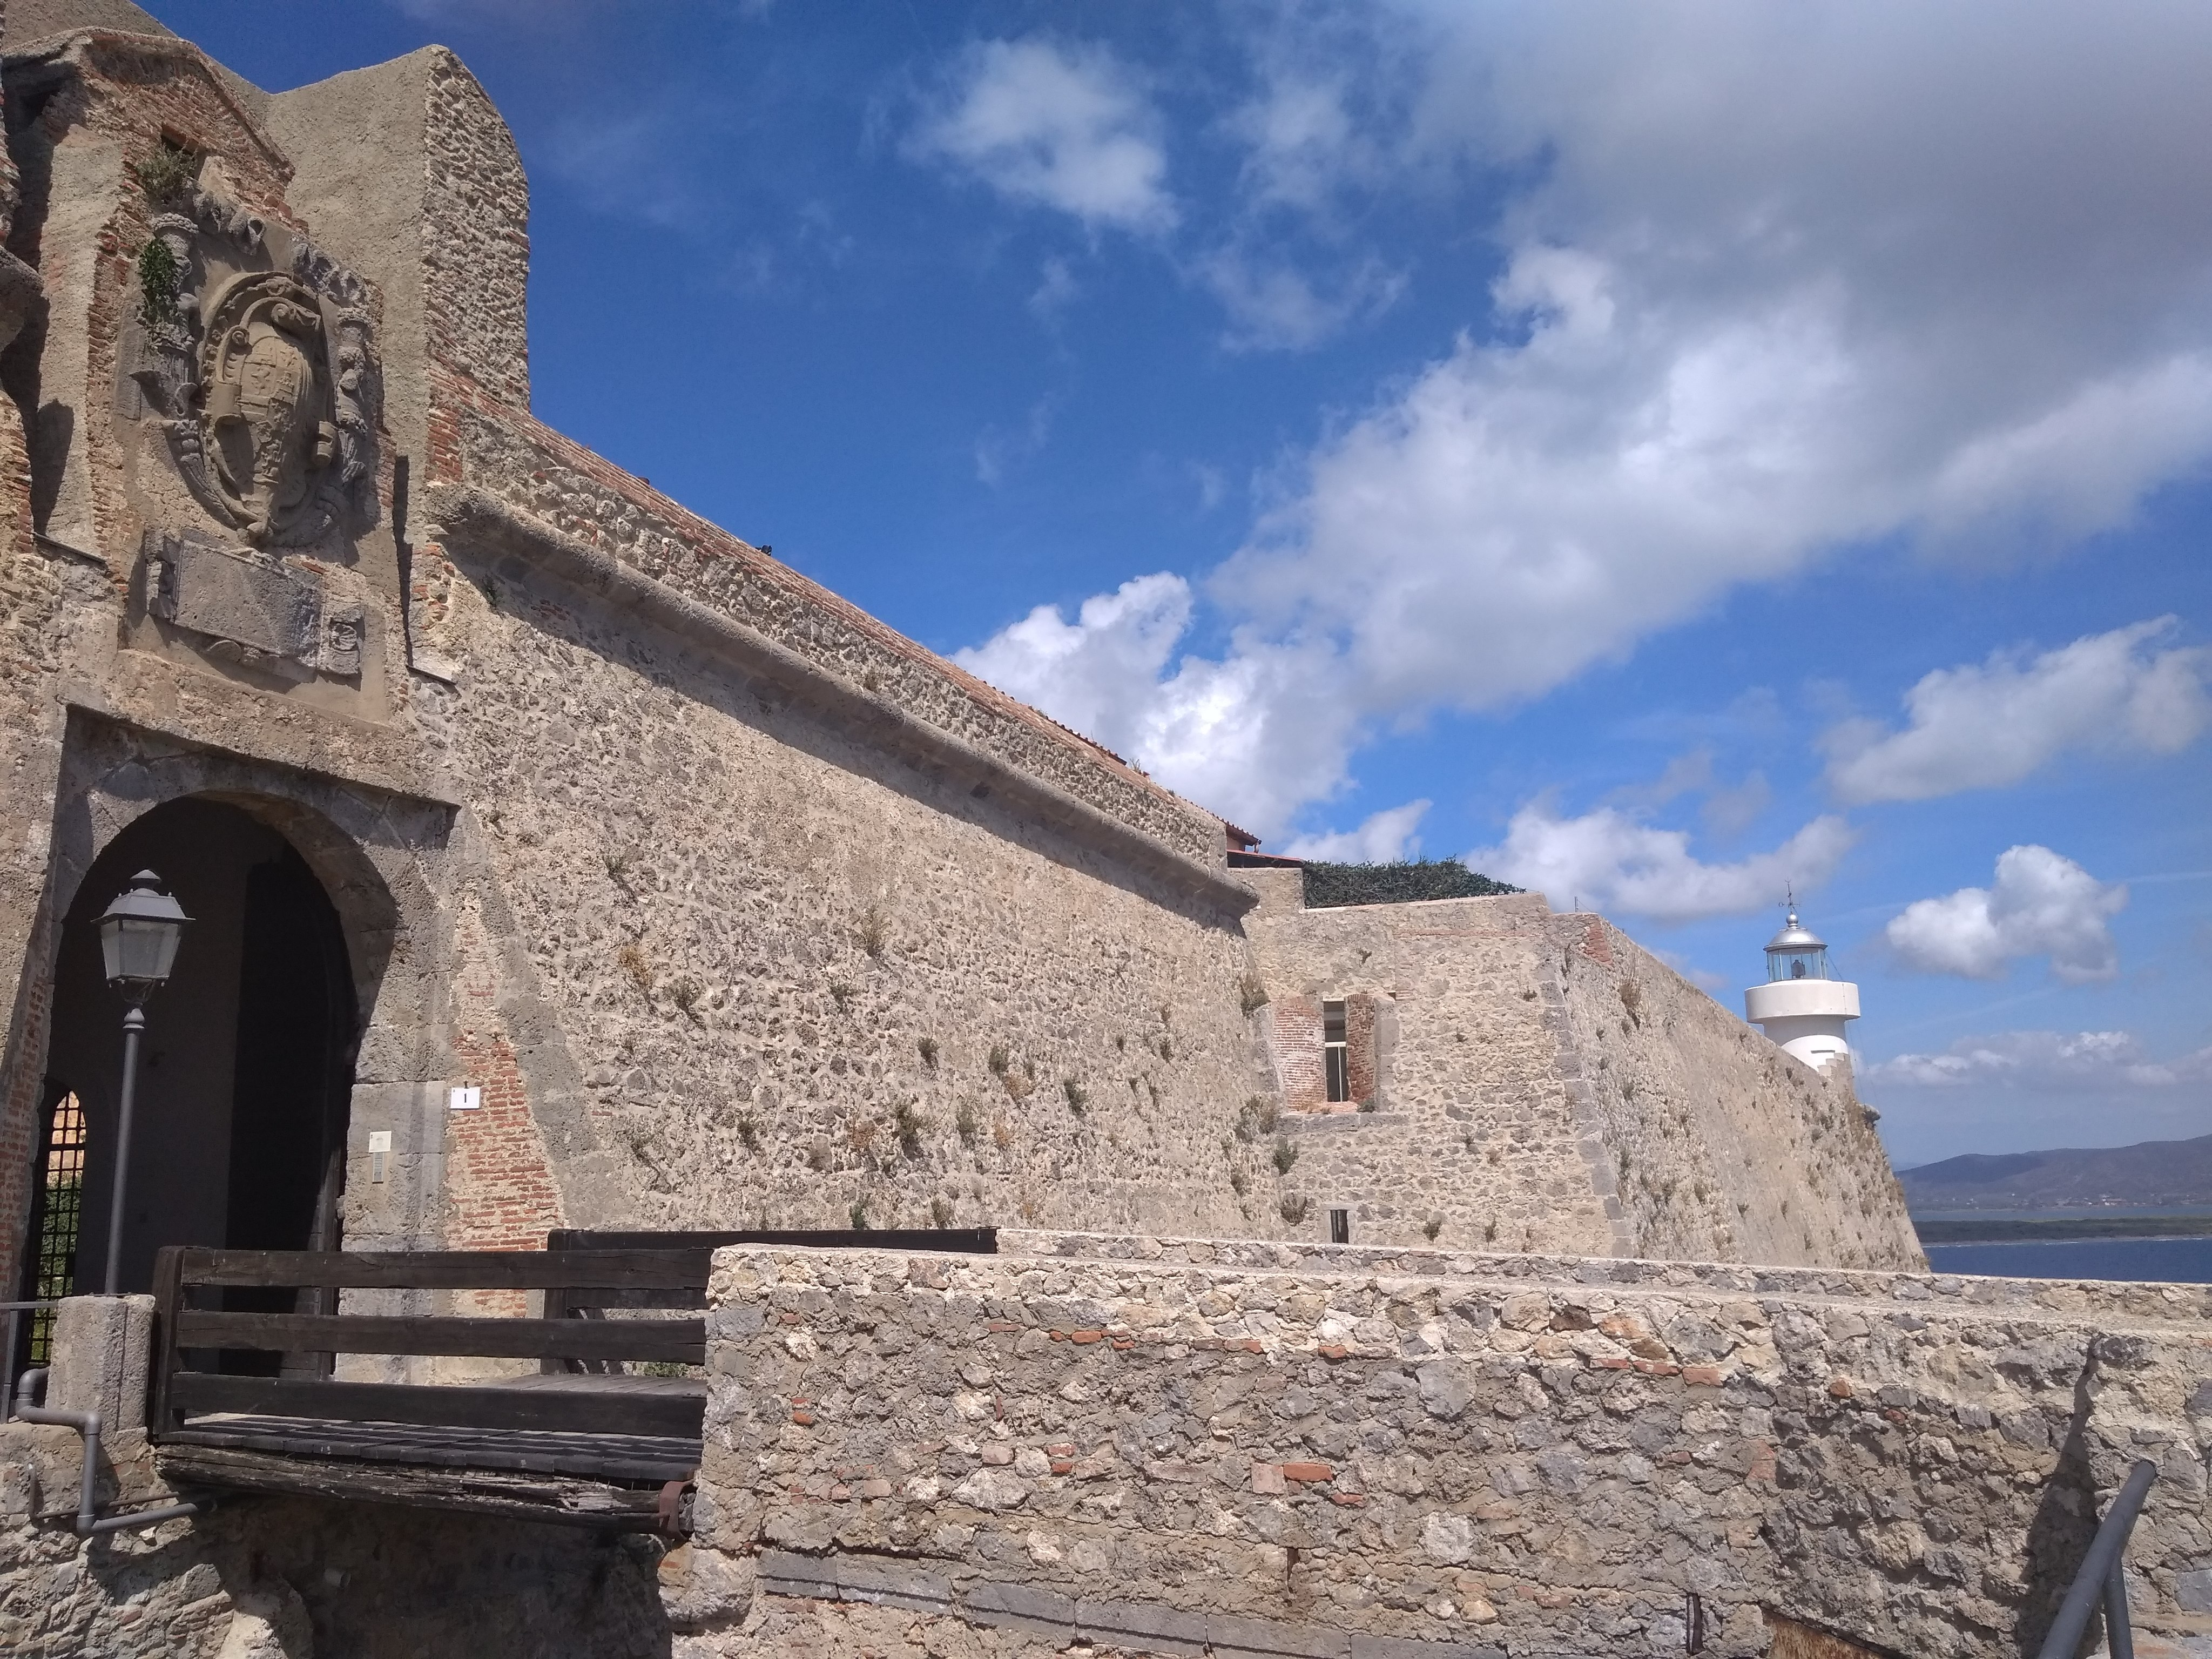 Rocca aldobrandesca, Bastione est con il faro, Porto Ercole, Grosseto, Tuscany